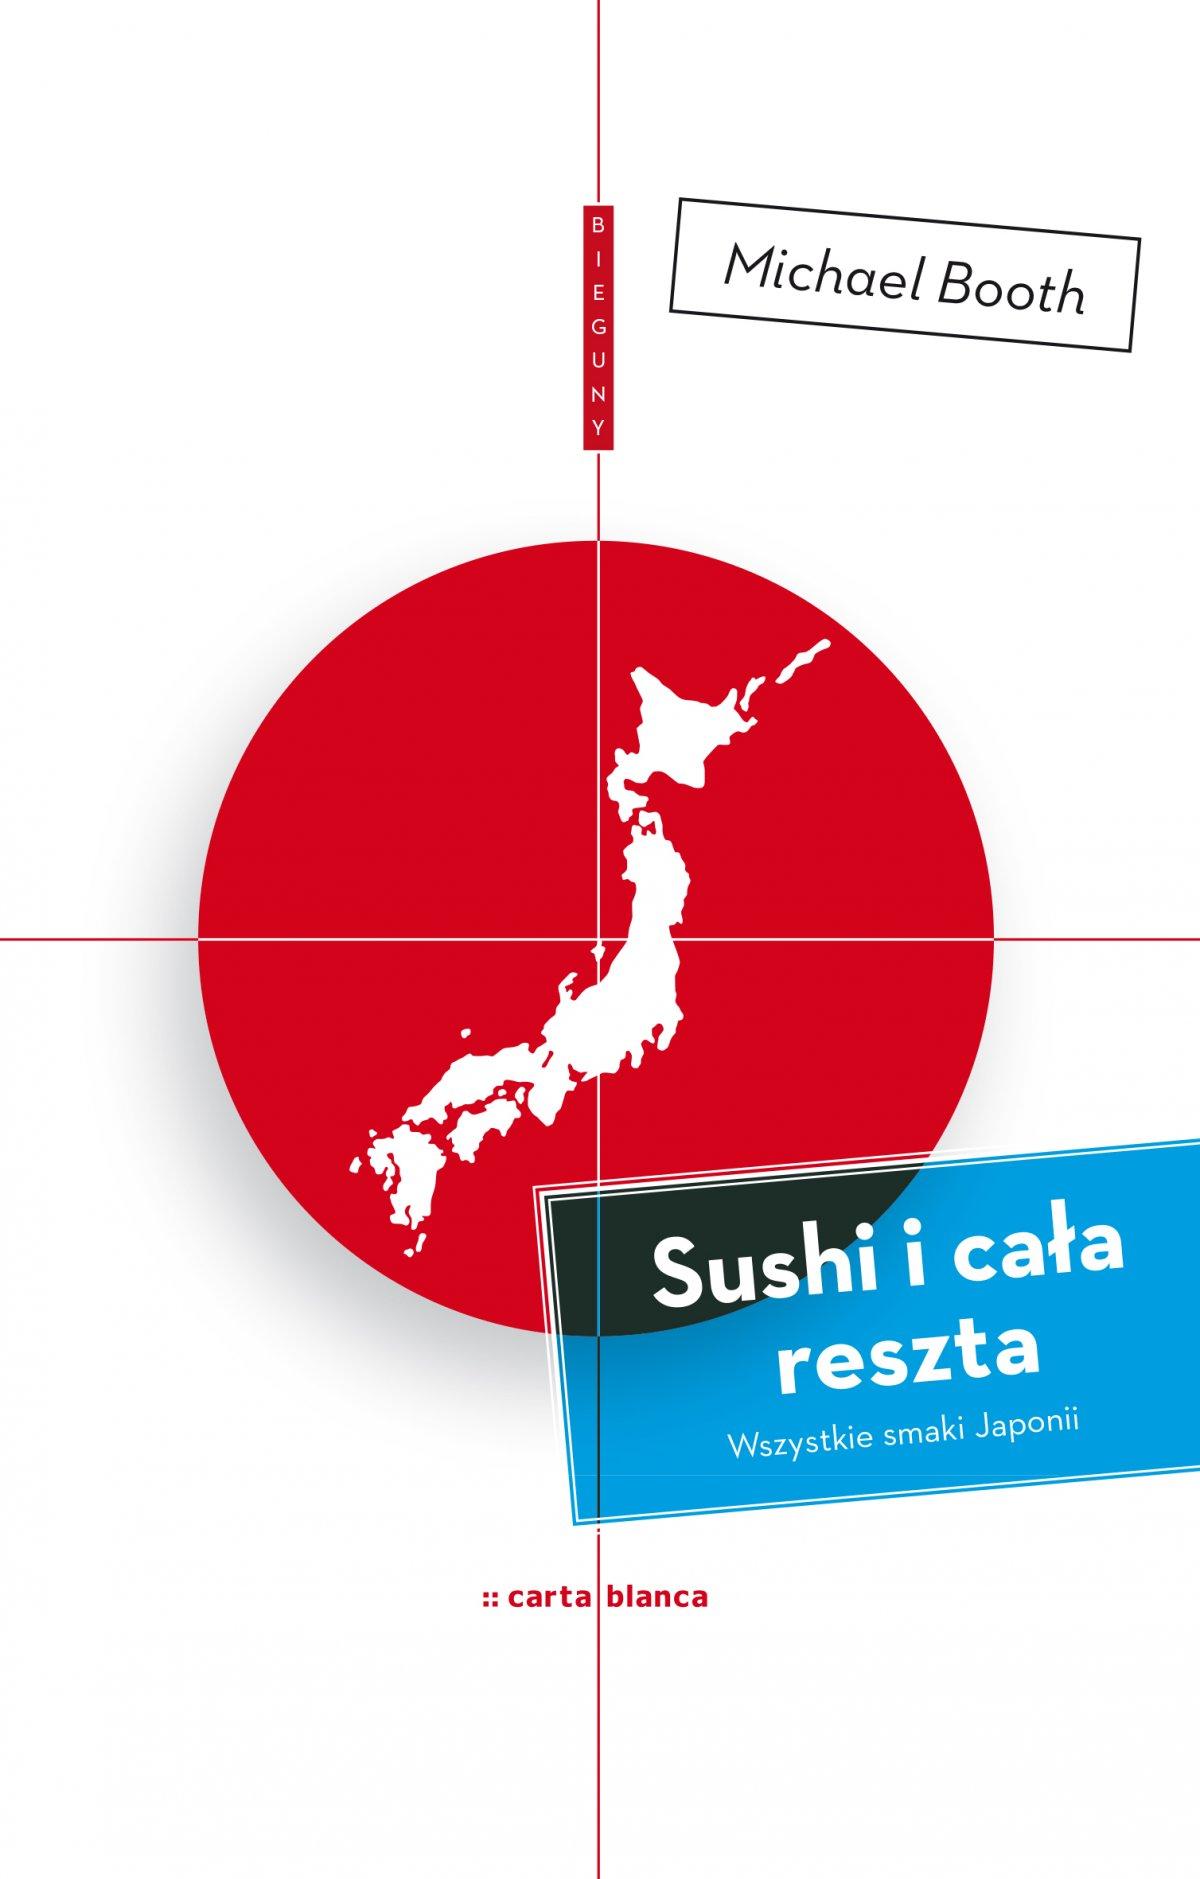 Sushi i cała reszta - Ebook (Książka EPUB) do pobrania w formacie EPUB